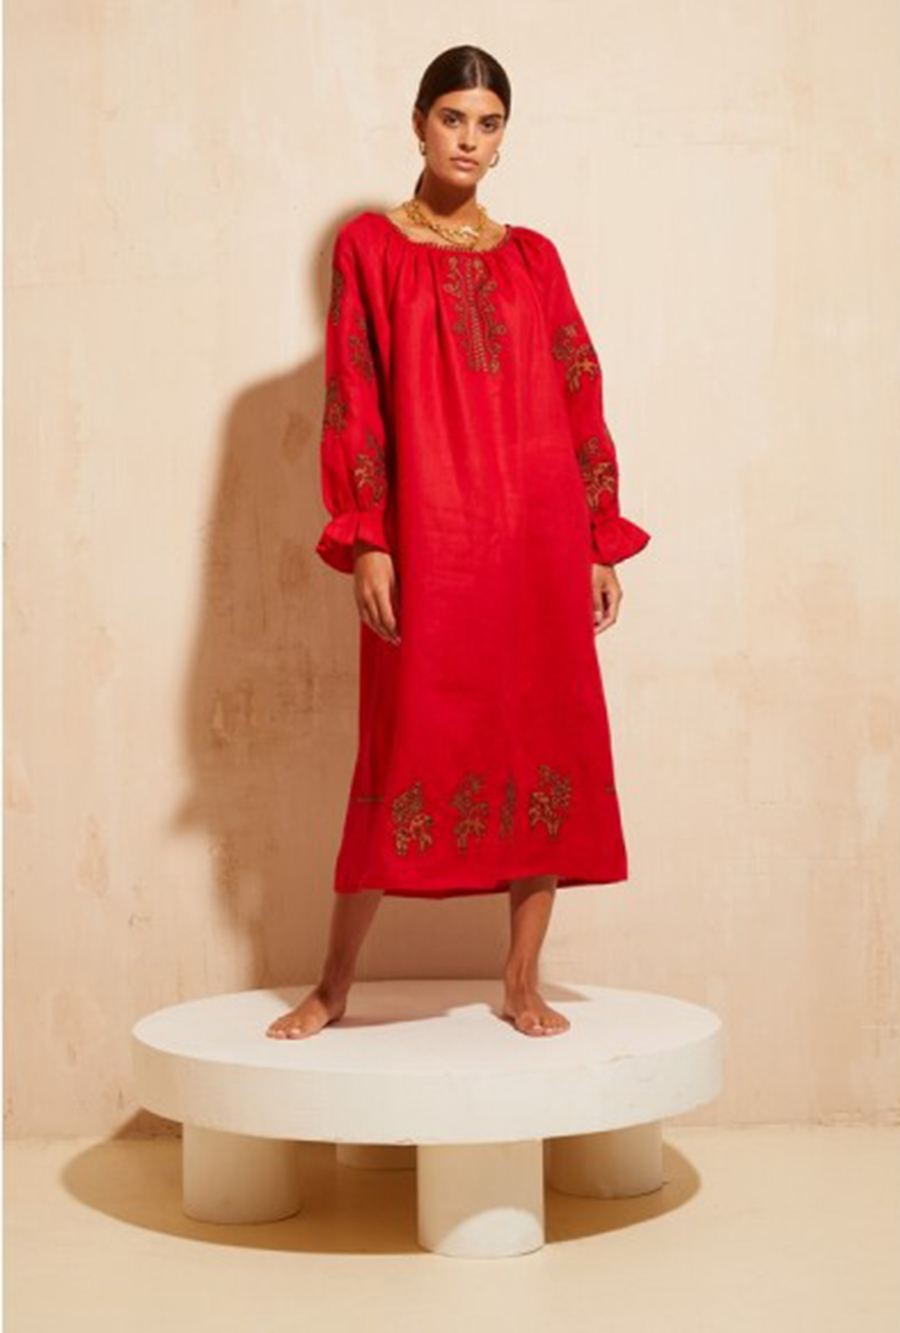 день вышиванки незалежНості независимости украинский бренд где купить платье вышитое красное